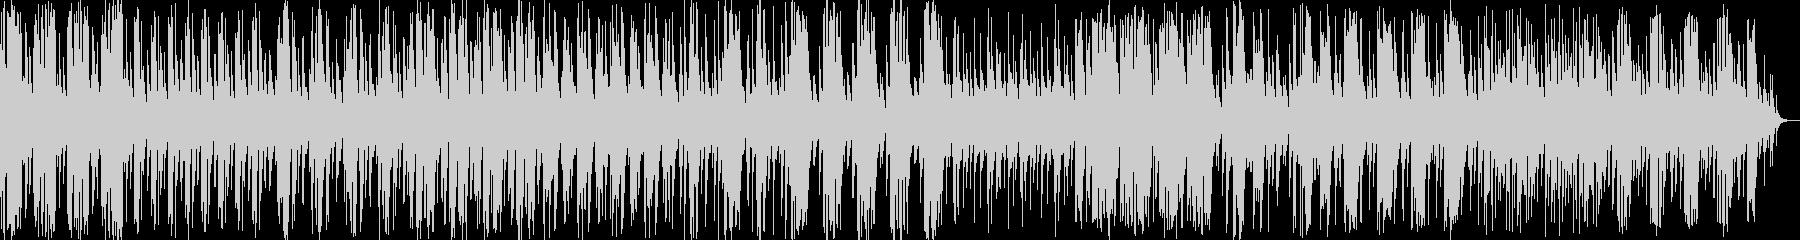 和風料理店に合うような琴の曲3の未再生の波形